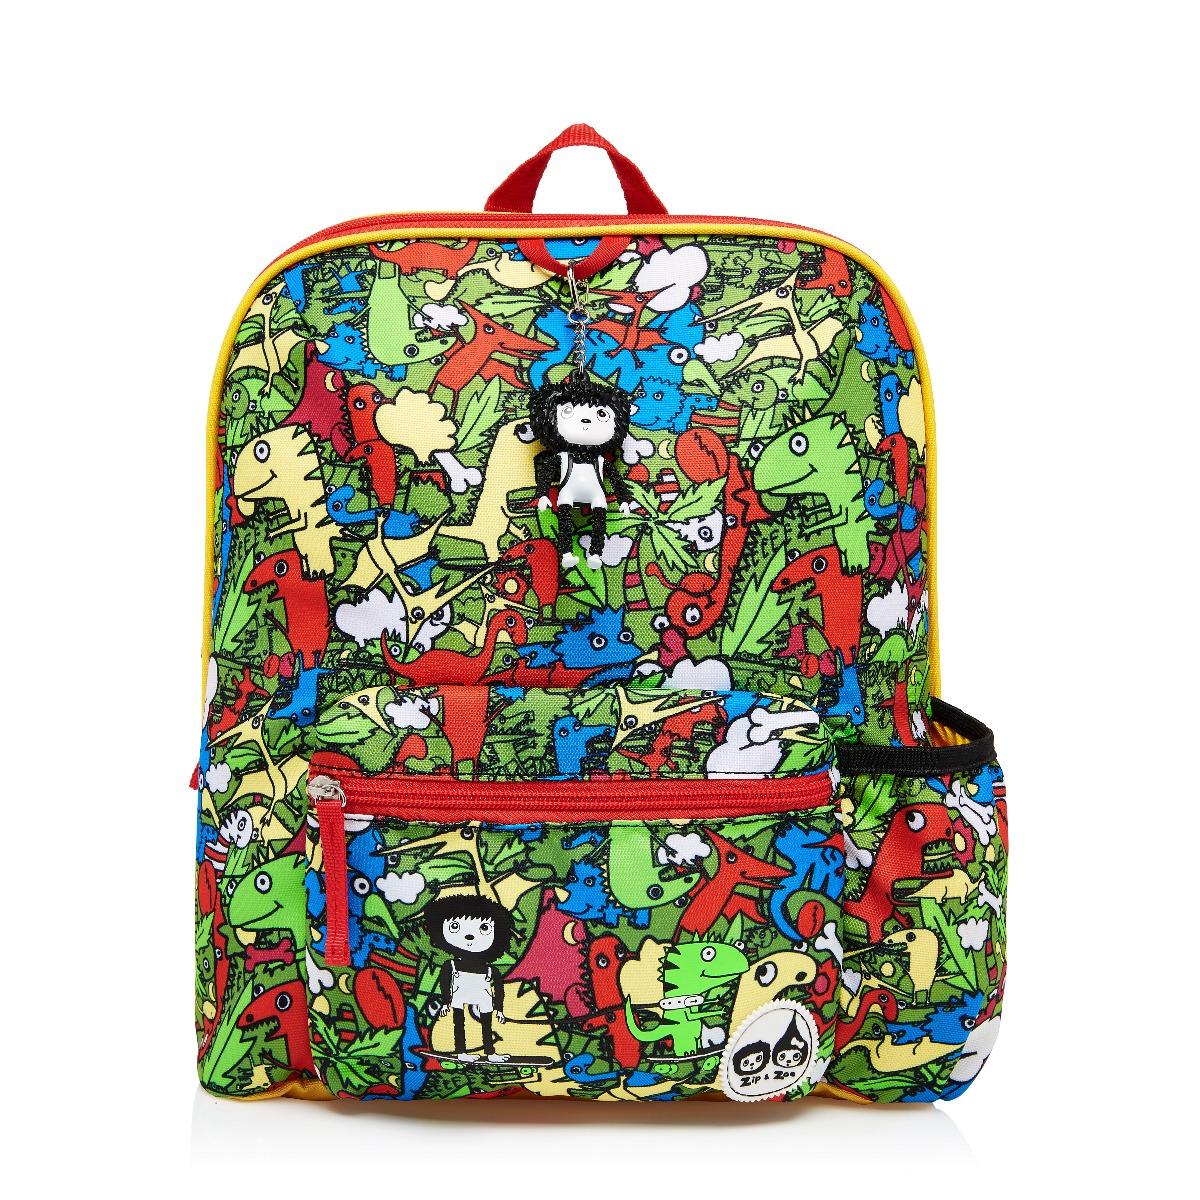 Zip and Zoe Midi Kid's Backpack (3-7Y) Dino Multi